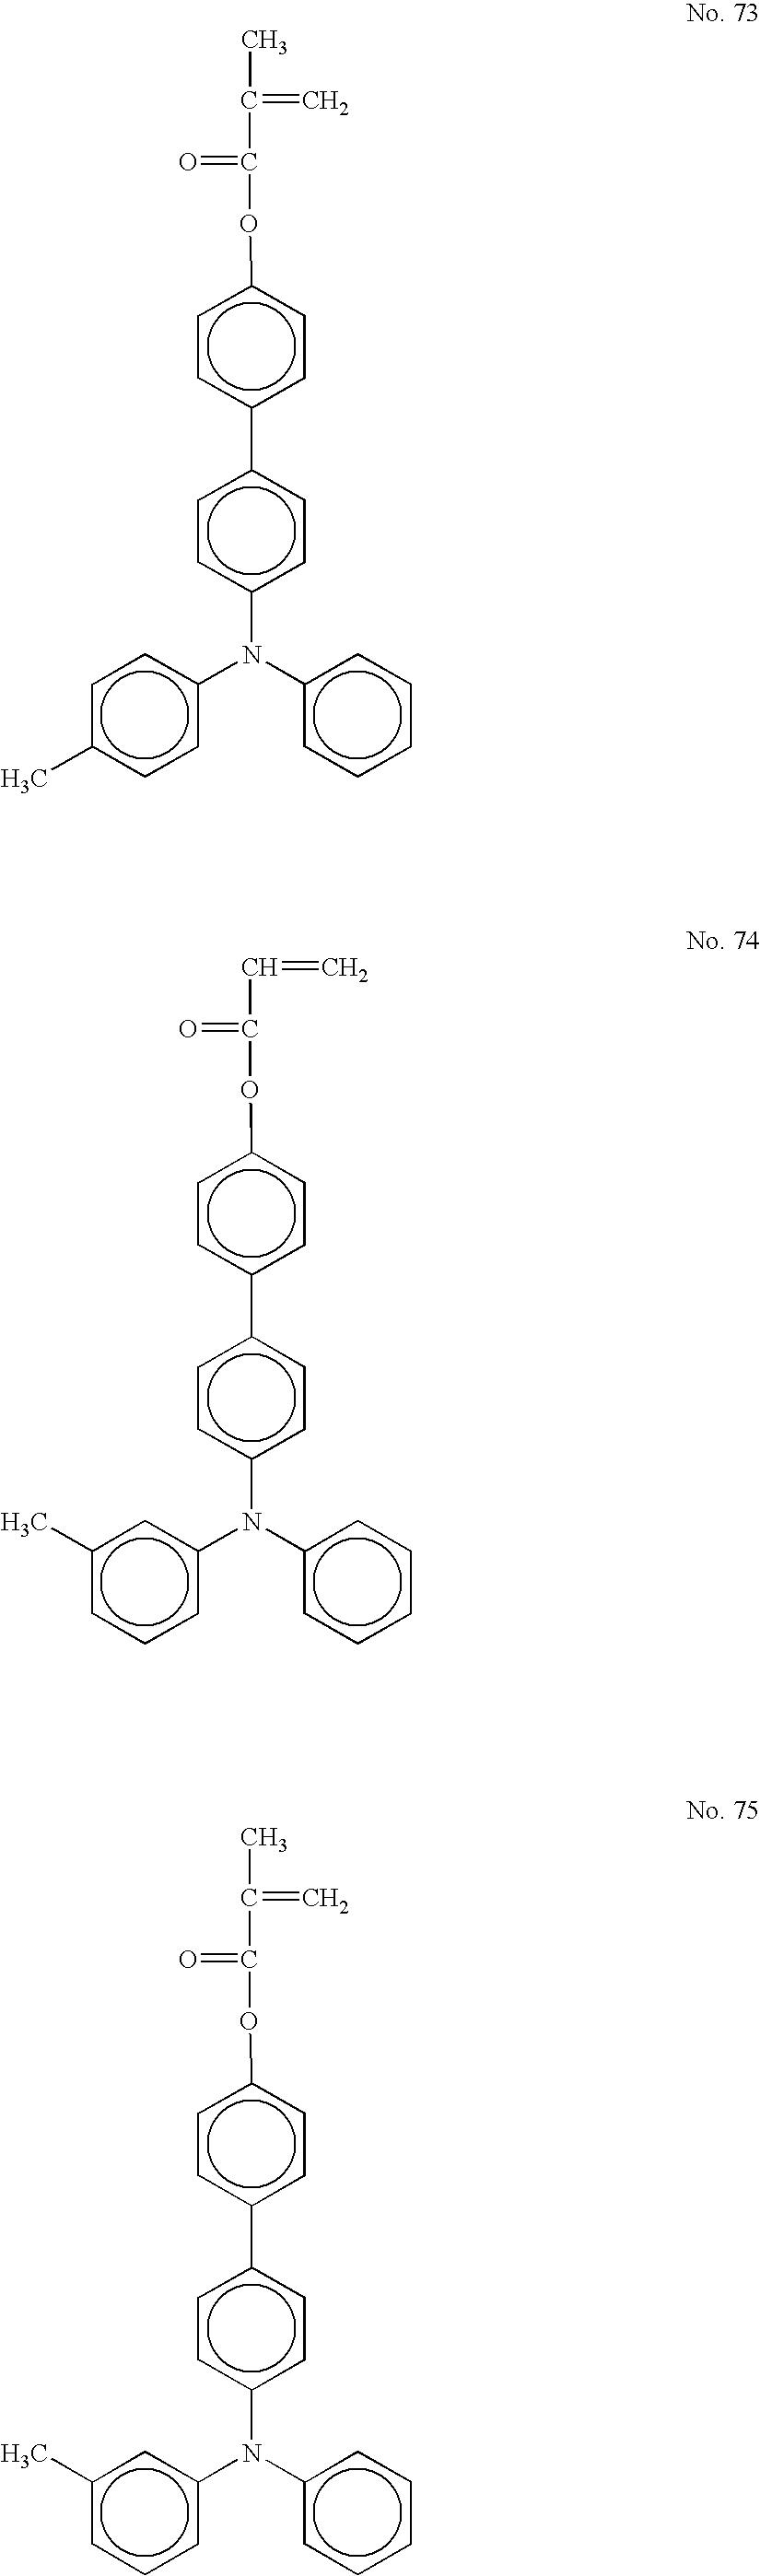 Figure US07175957-20070213-C00036